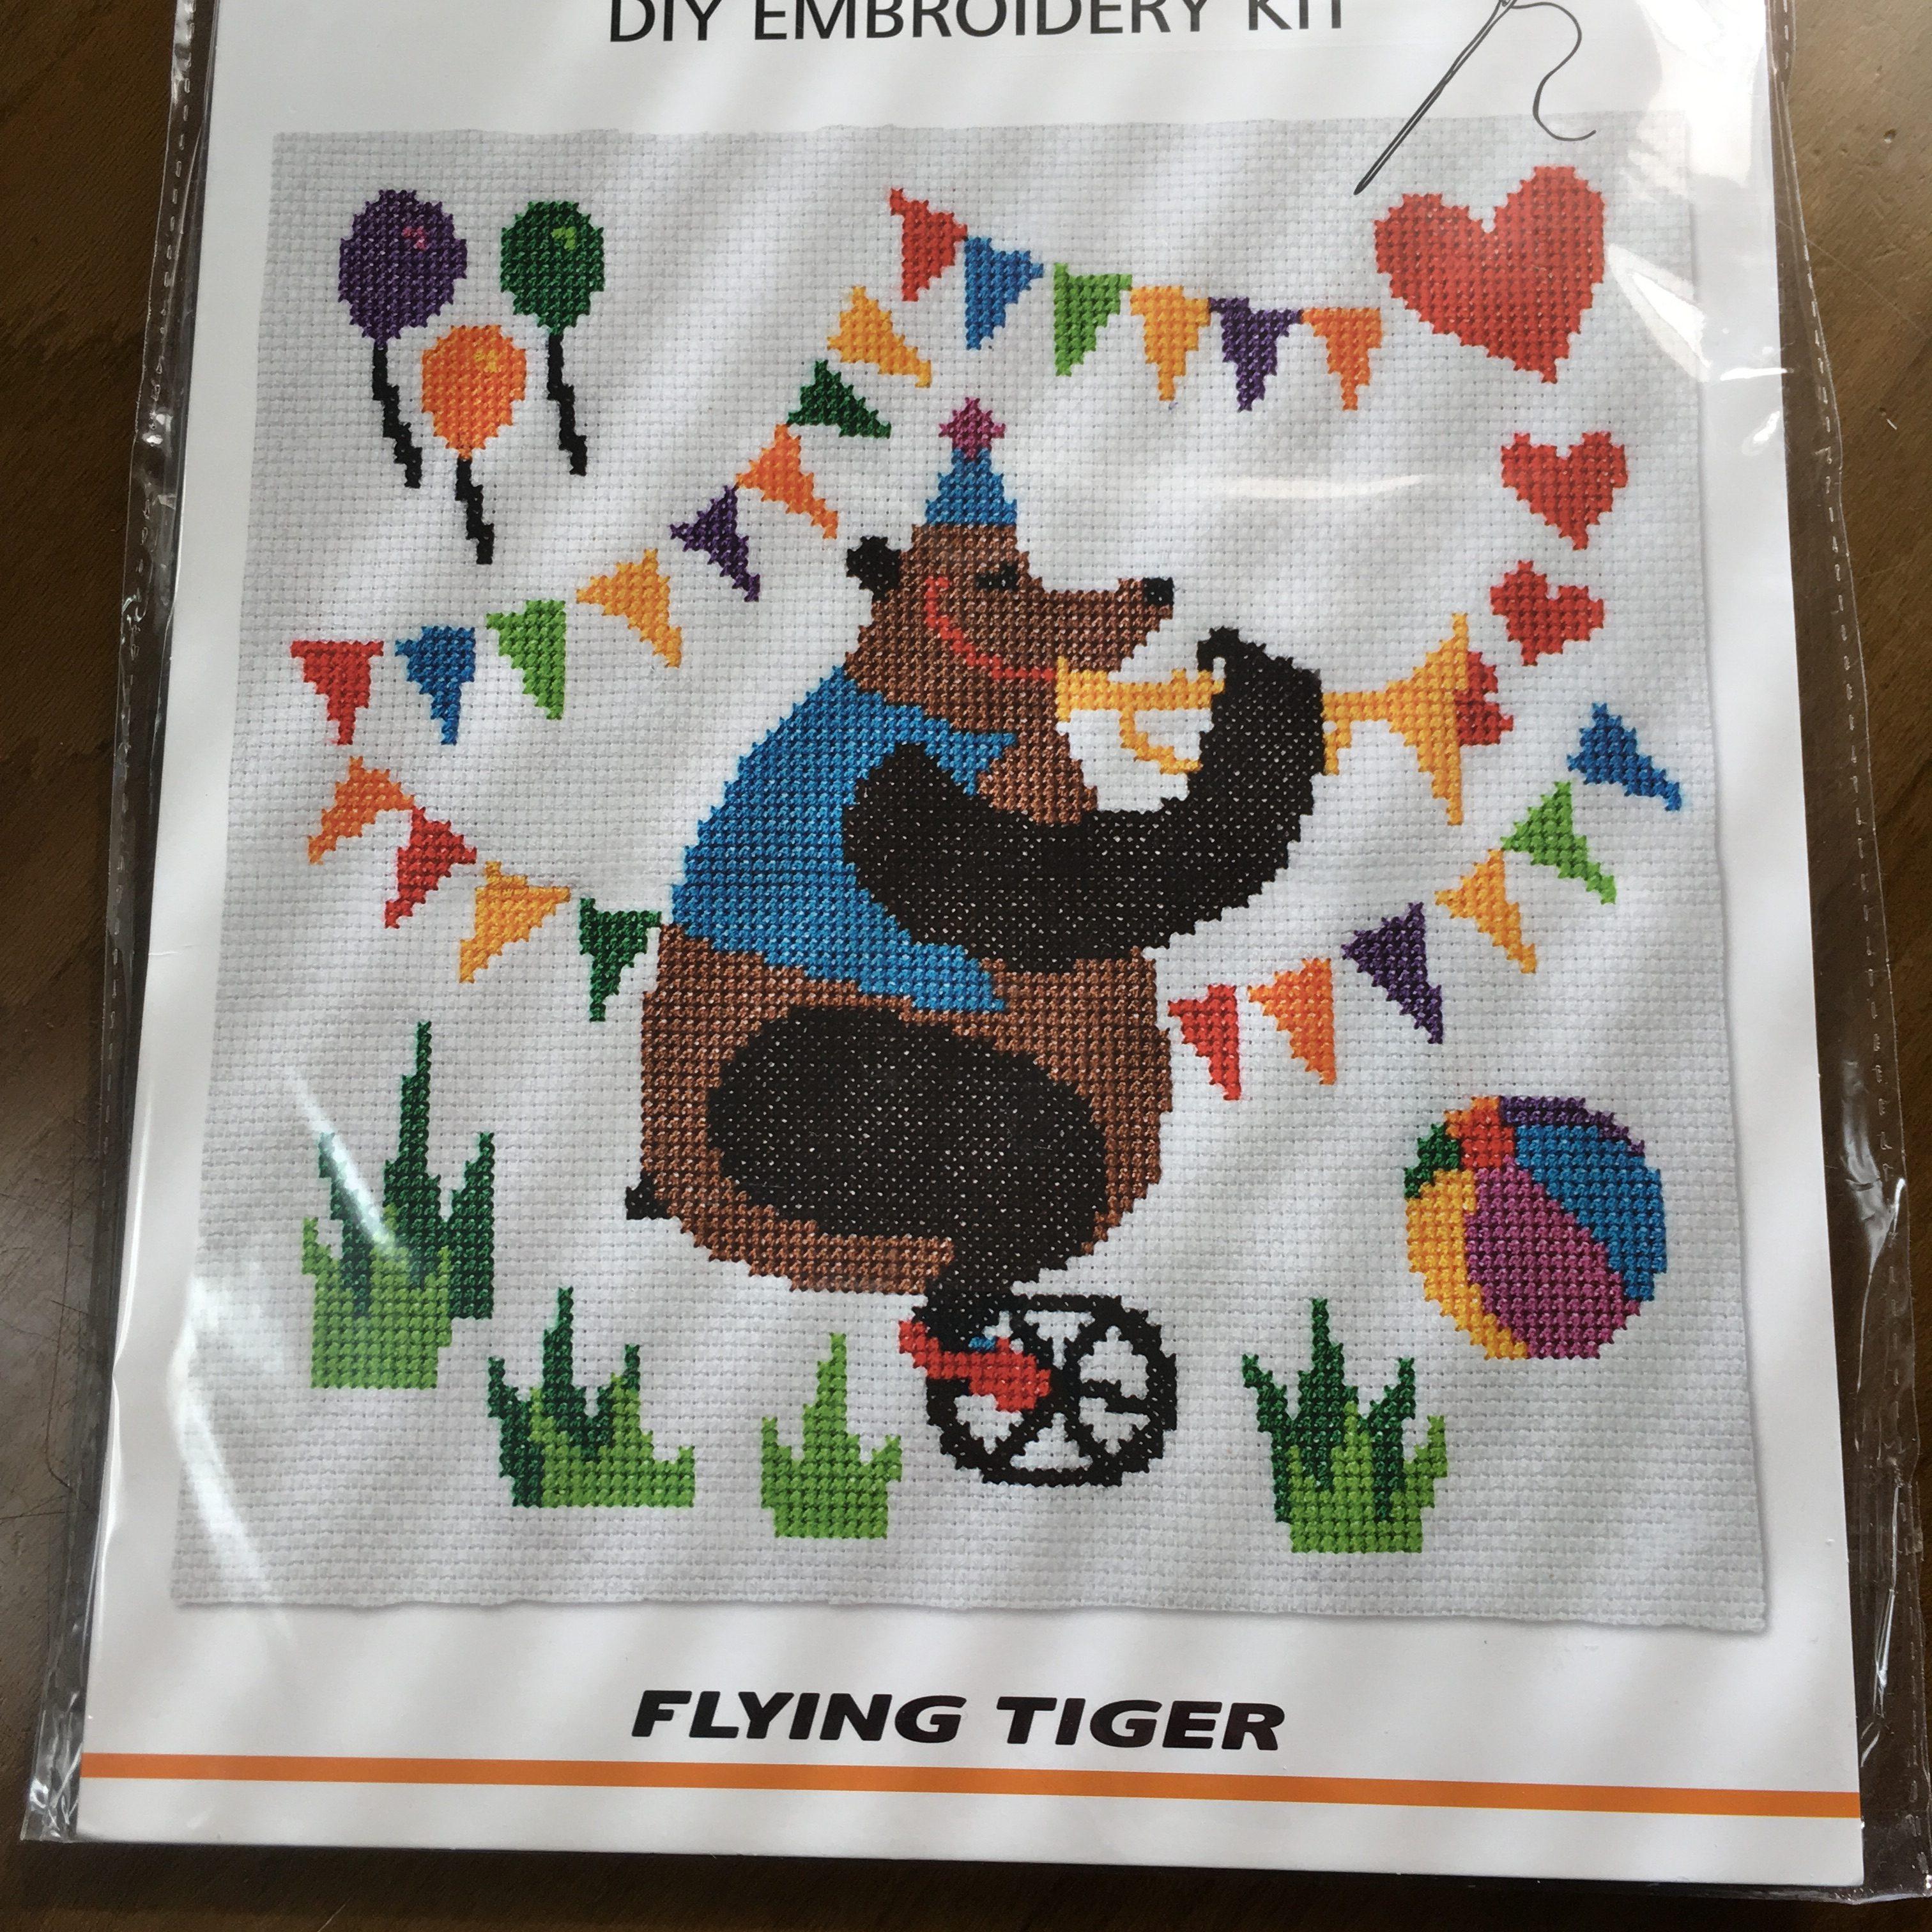 FLYING TIGER(フライングタイガー)のクロスステッチキットは安いけどどんな感じなのか刺繍してみました。